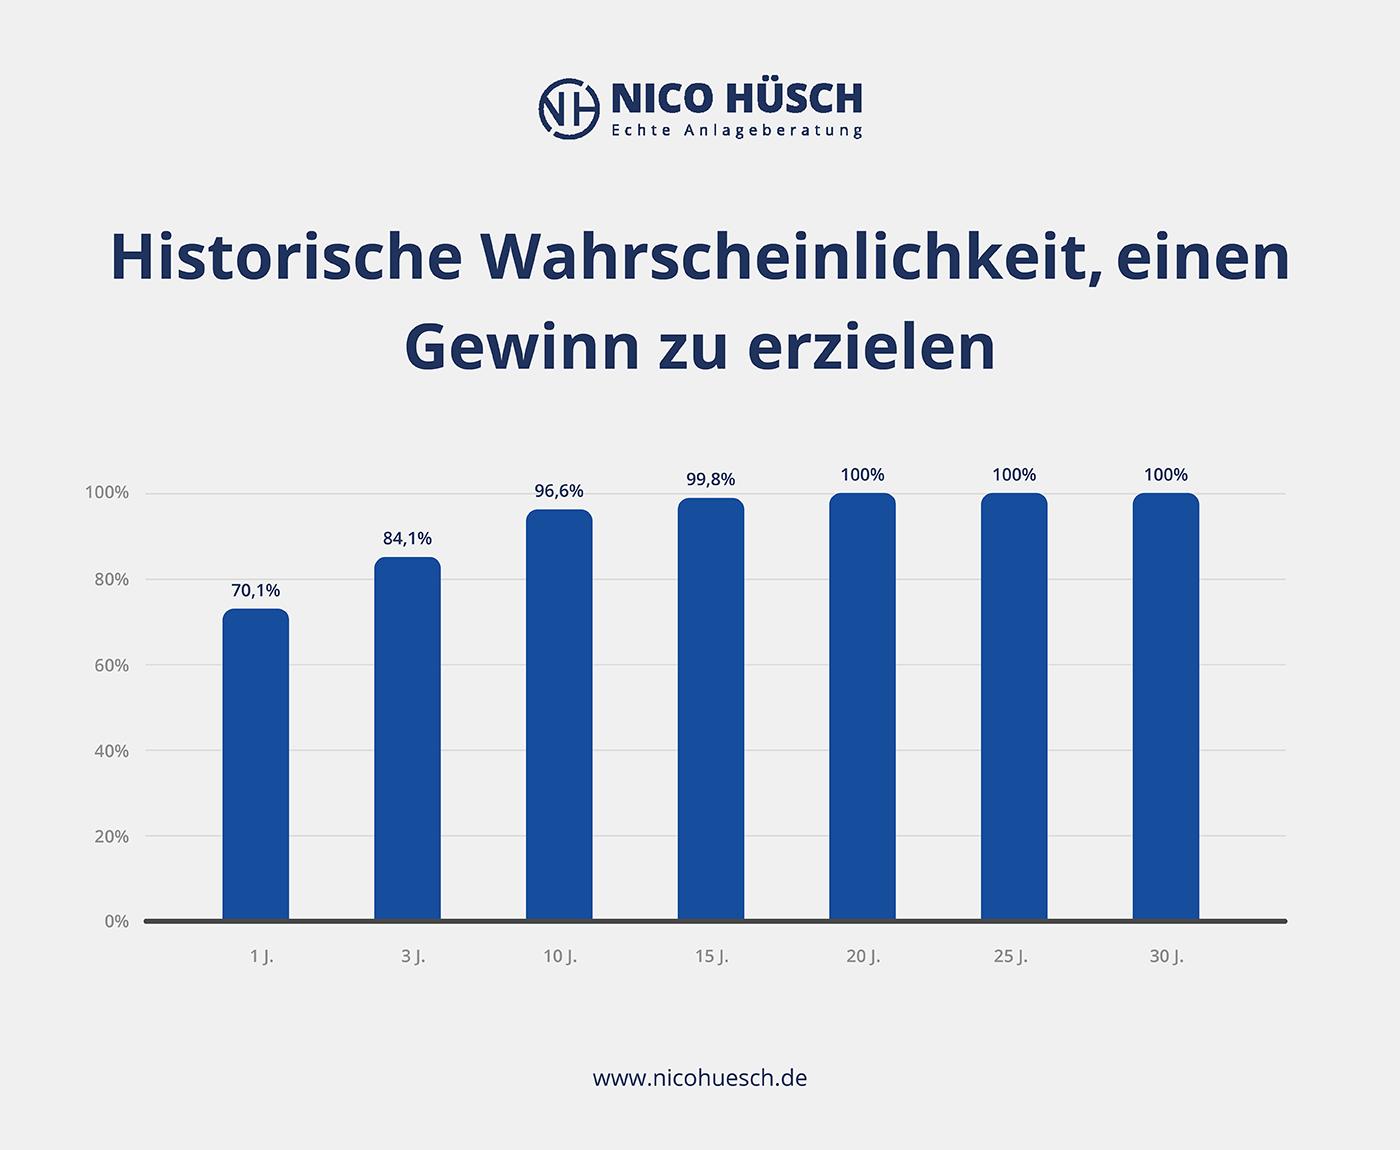 Darstellung vom deutschen Aktieninstitut über die Wahrscheinlichkeit am Aktienmarkt Gewinne zu erzielen in Abhängigkeit von der Haltedauer.